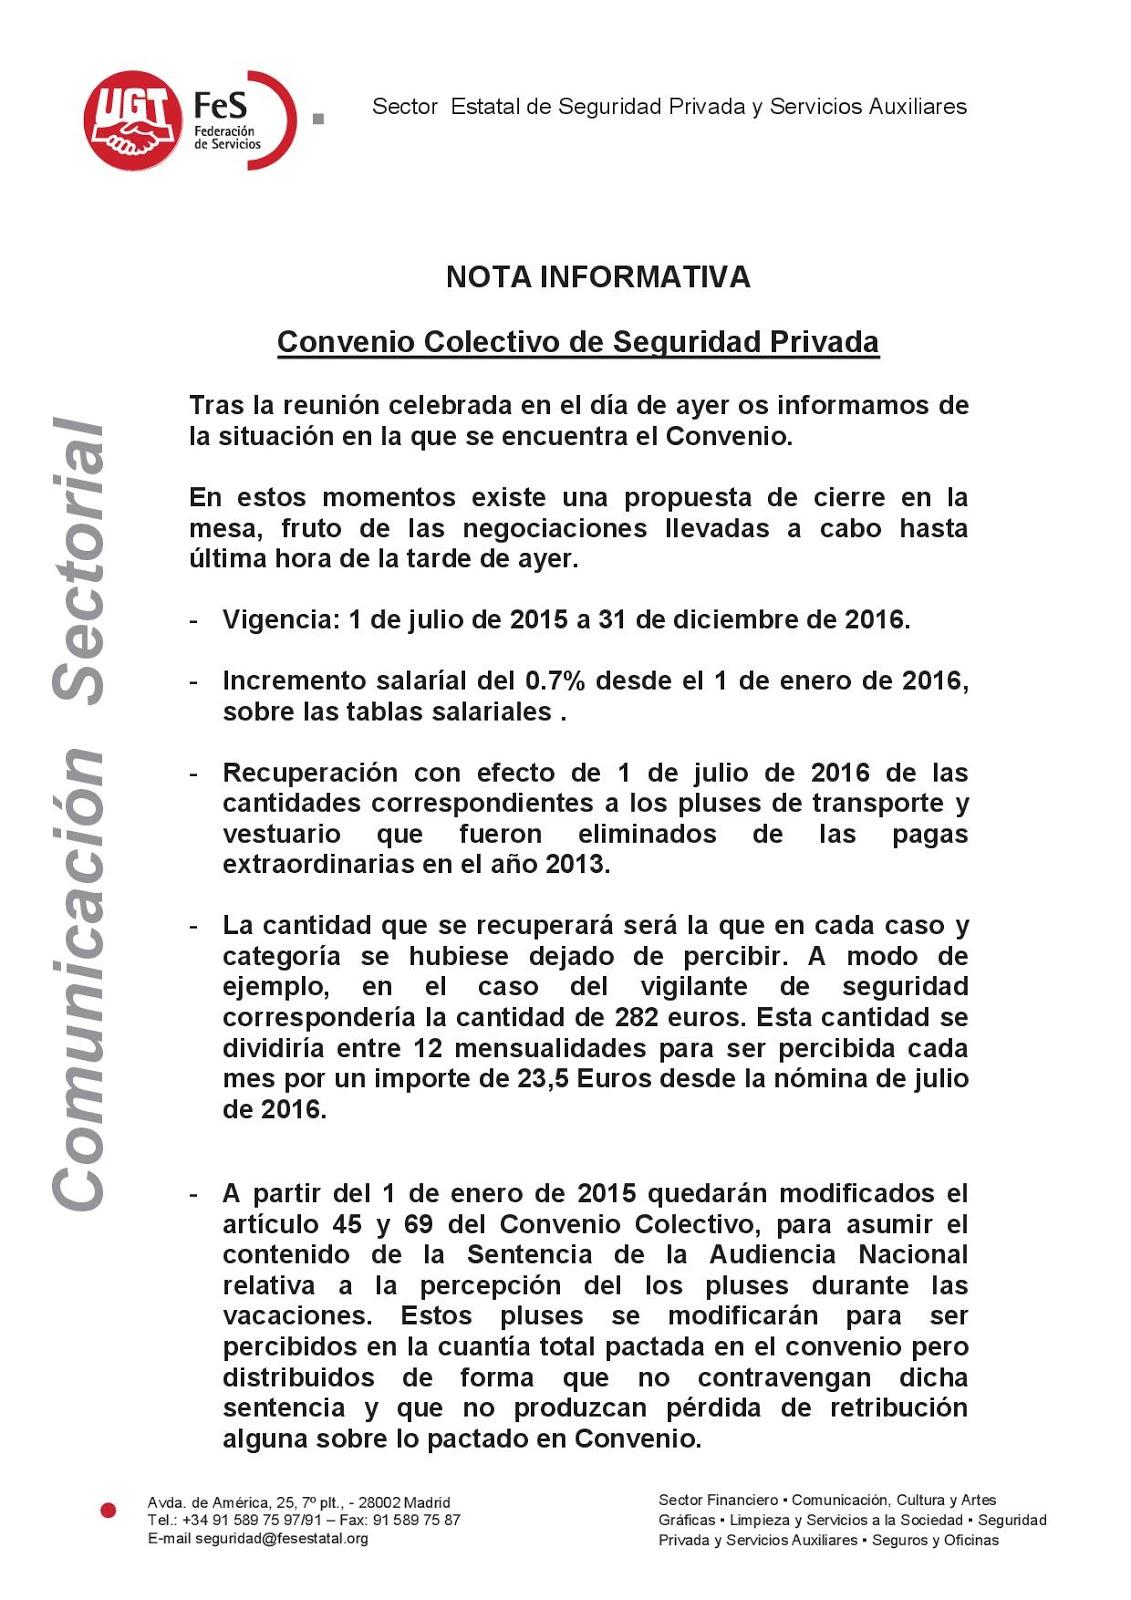 Sindicato s p v julio 2015 for Convenio colectivo oficinas y despachos sevilla